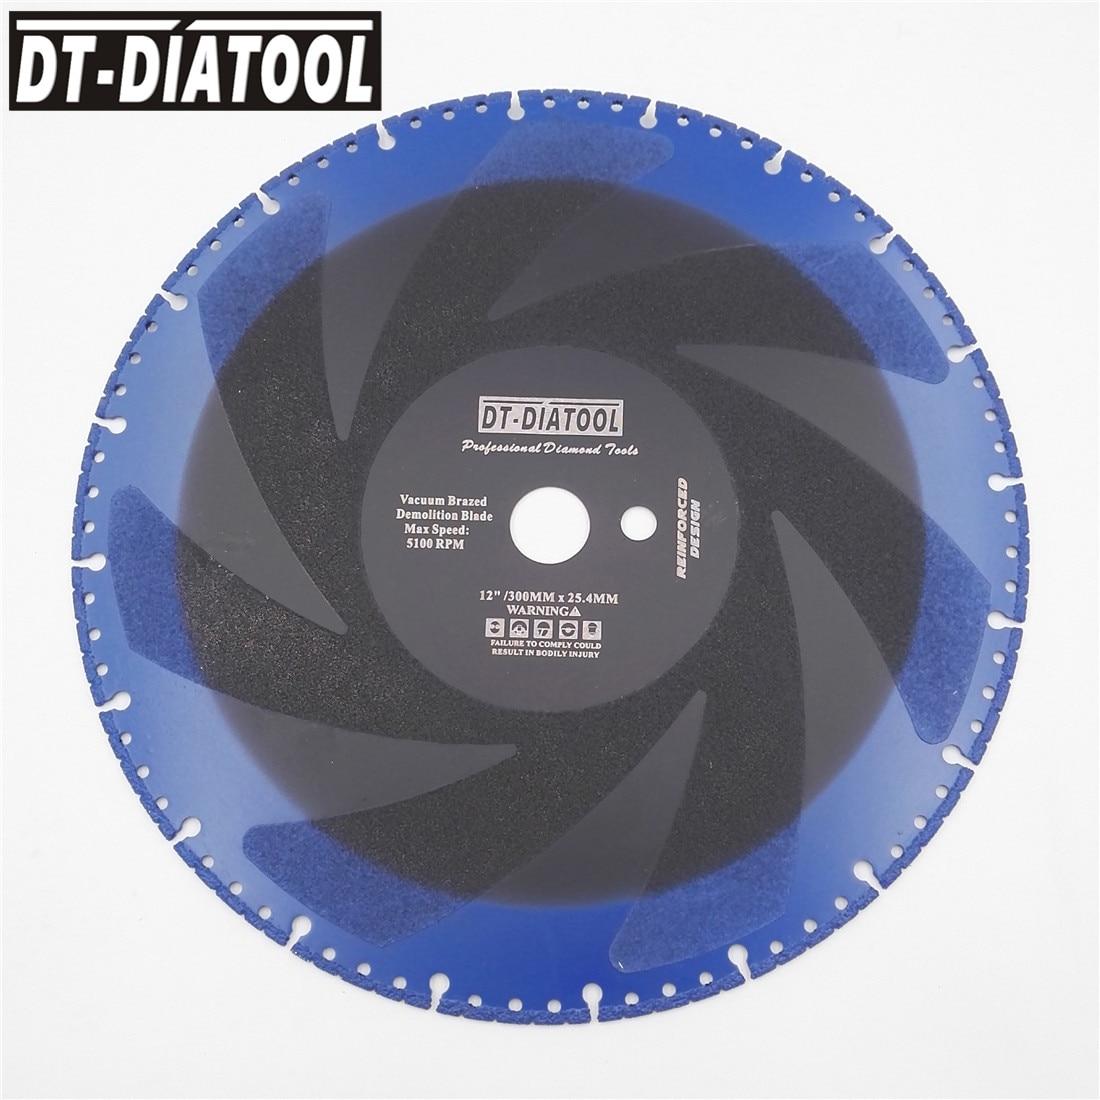 DT-DIATOOL 1pc Dia300/350/400mm Vacuum Brazed Diamond Demolition Saw Blade Multi Purpose Rescue Blade Metal Plastic Cutting Disc